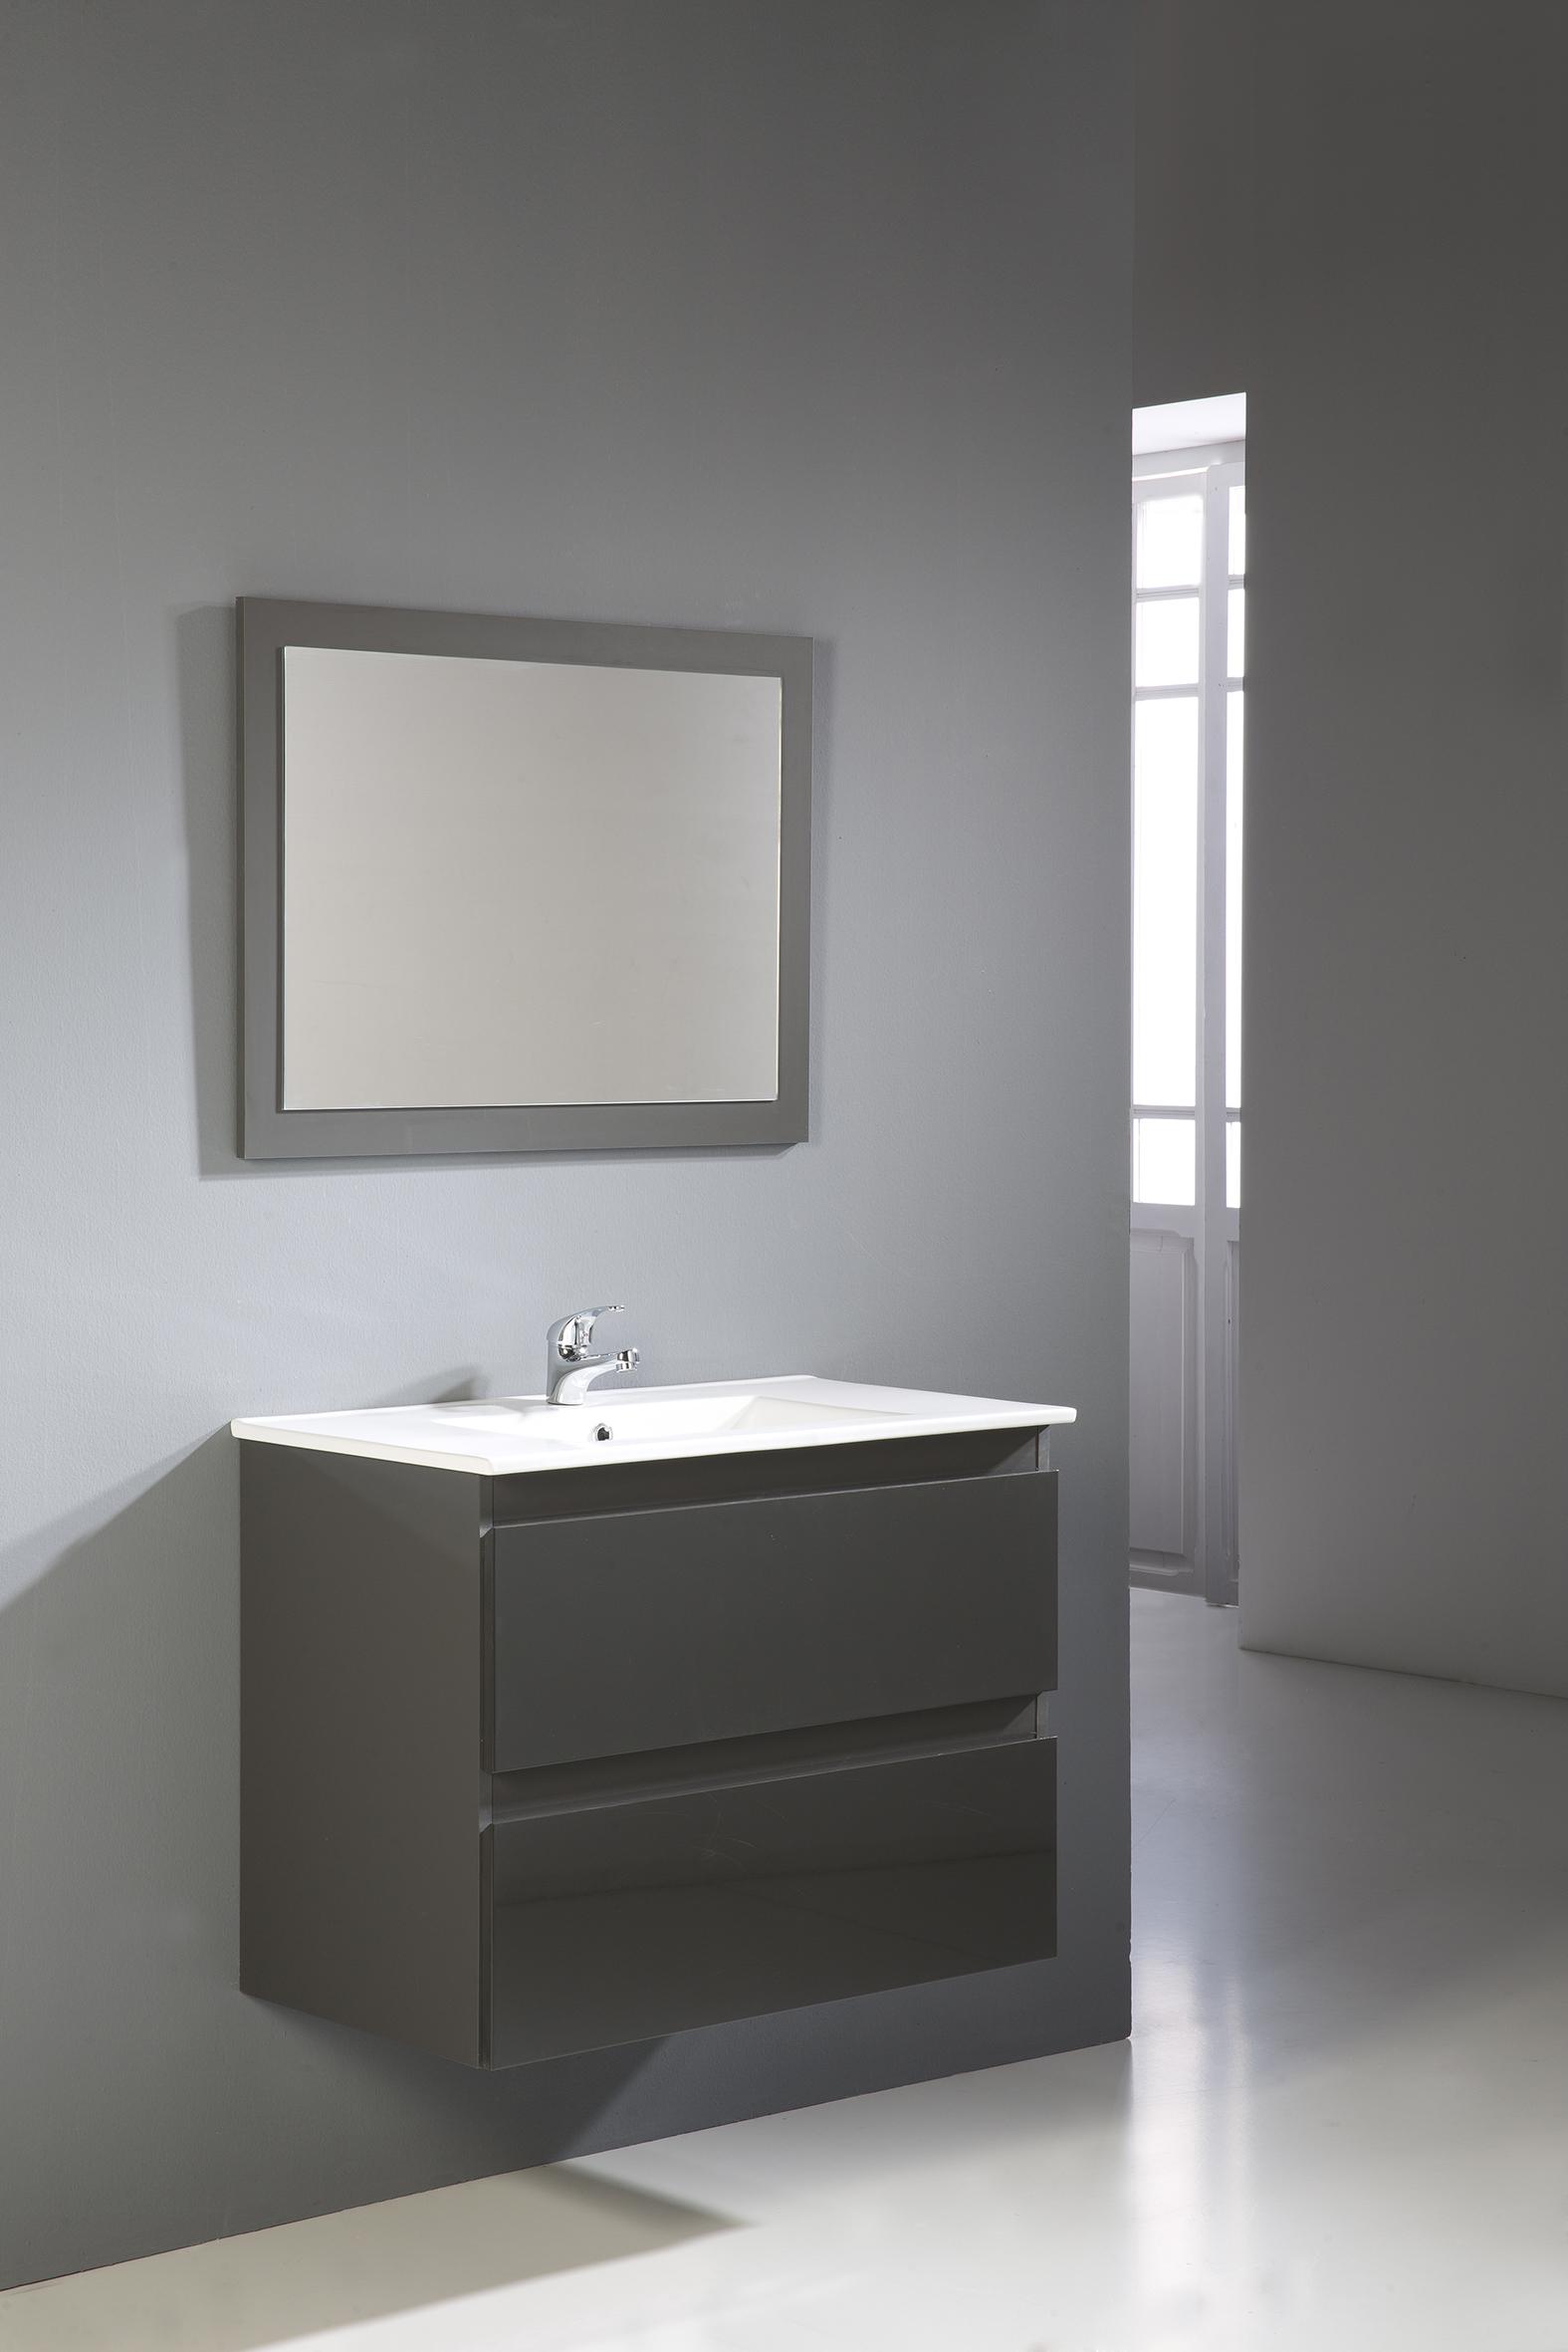 Línea moderna y funcional de Muebles Jumar para el baño - Feria ...